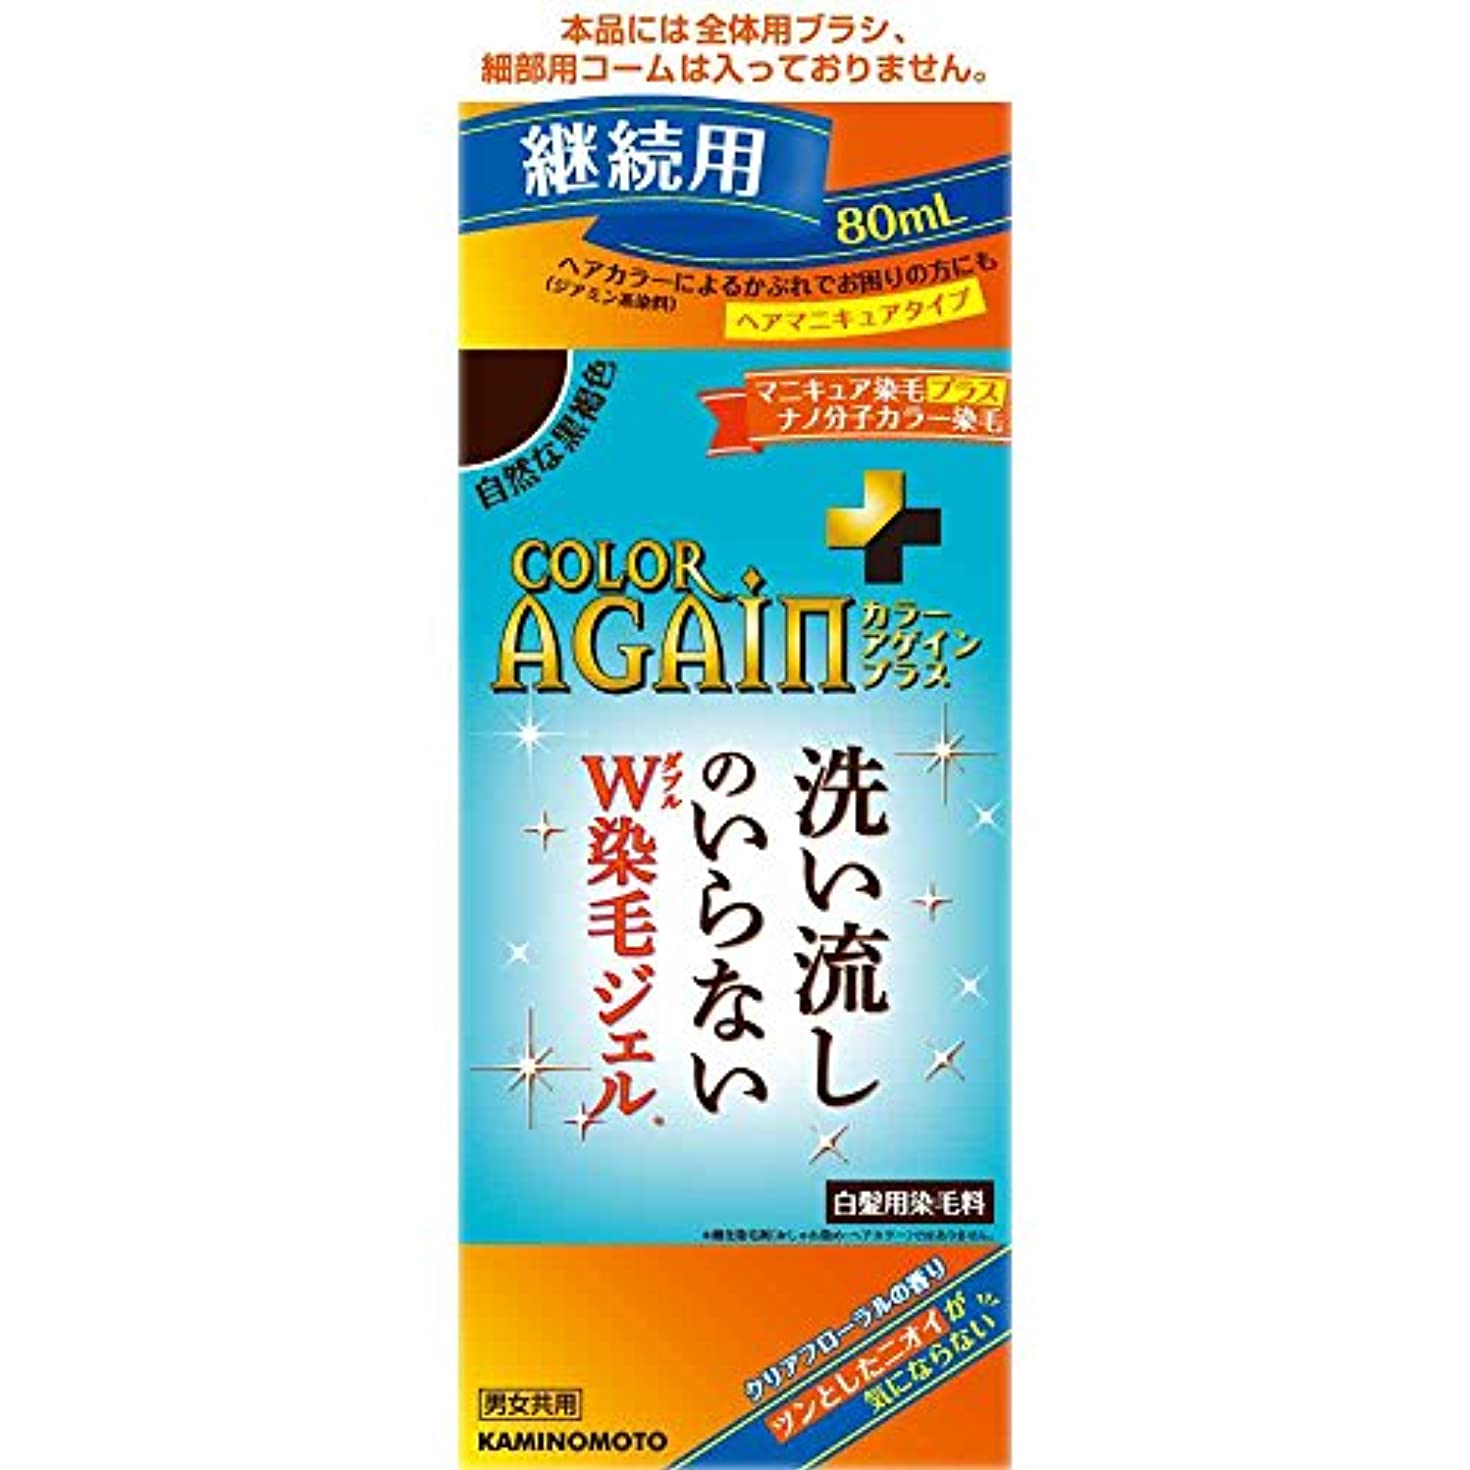 スペクトラム連続的ピジンカラーアゲインプラス 自然な黒褐色 継続用 80mL